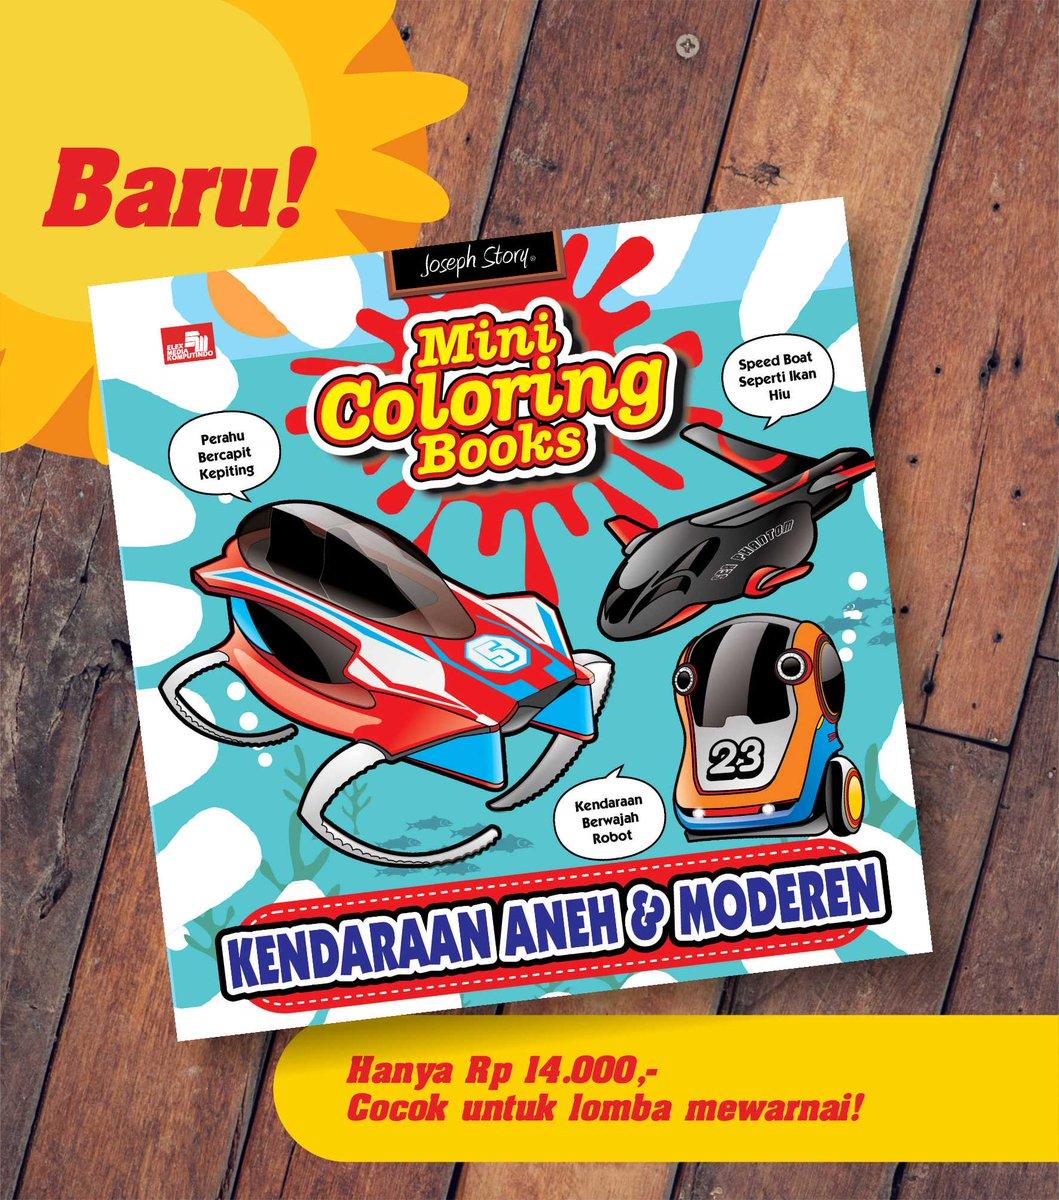 Ajak Anak Warnai Di Dalam Rumah Dengan Buku Mini Coloring Books Kendaraan Aneh Moderen Gramedia Elexmediapictwitter OplwfpUvu8